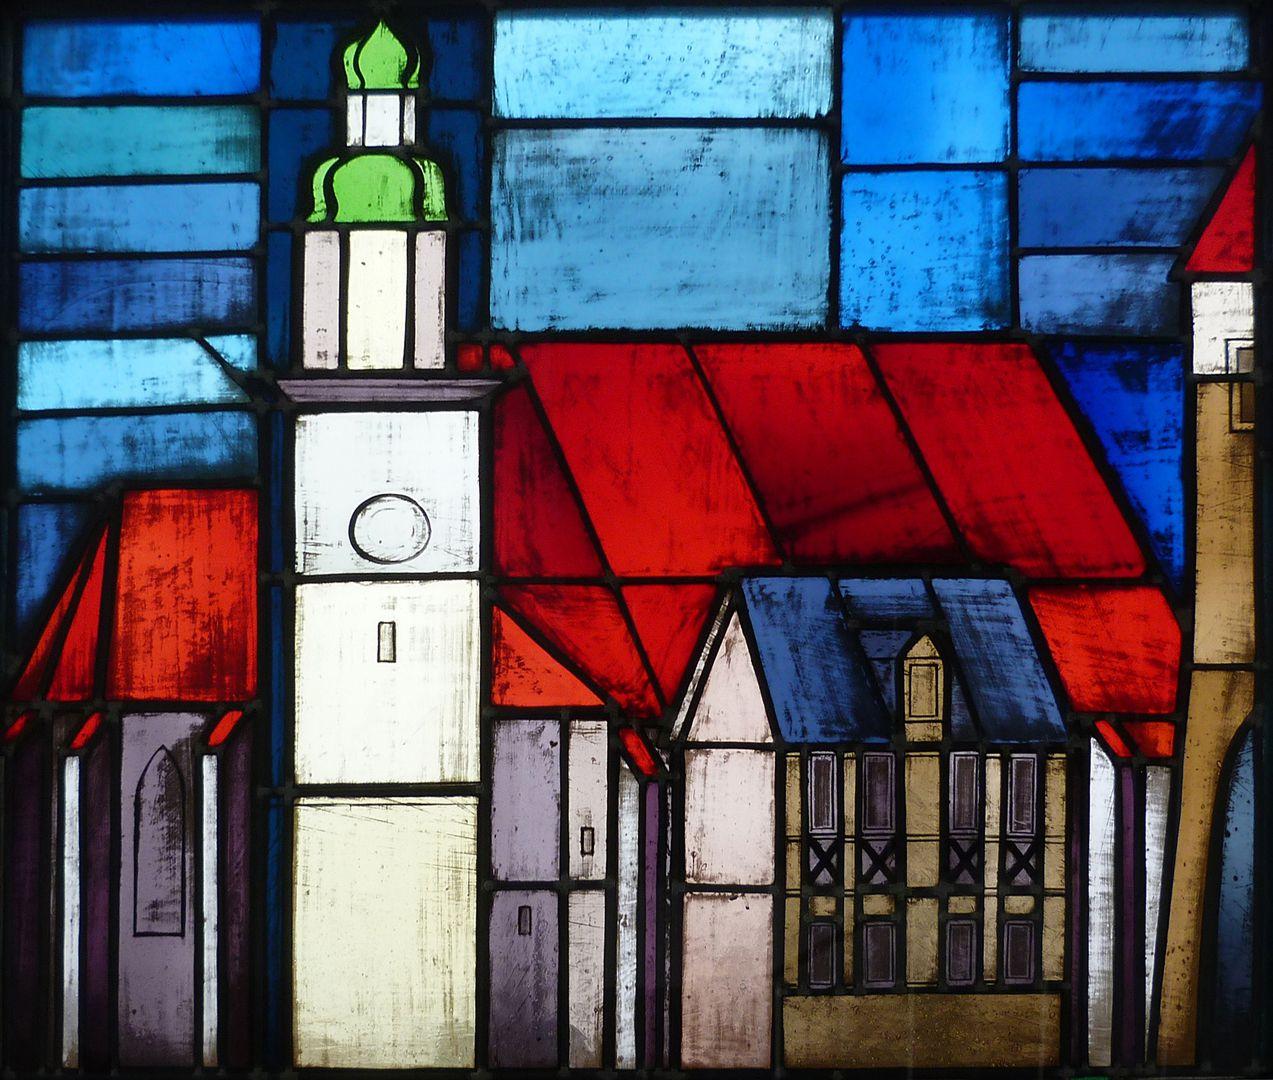 Glasfenster zur Stadtgeschichte Treppenaufgang zum zweiten Stock, Johanniskirche in Lauf